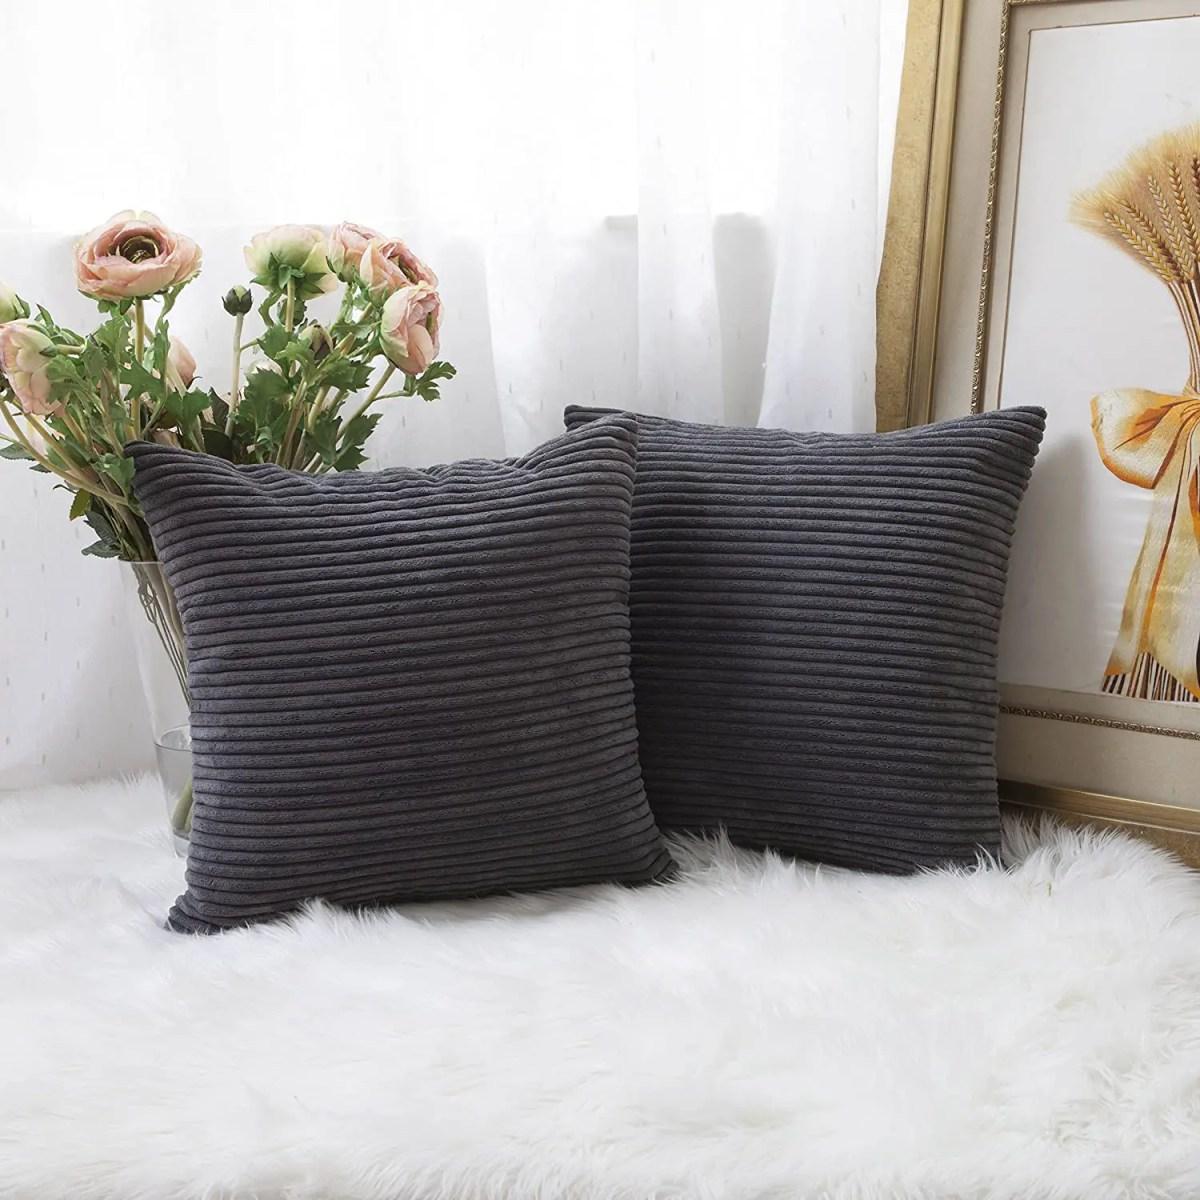 Striped-Velvet-Corduroy-Pillowcases-dark-grey